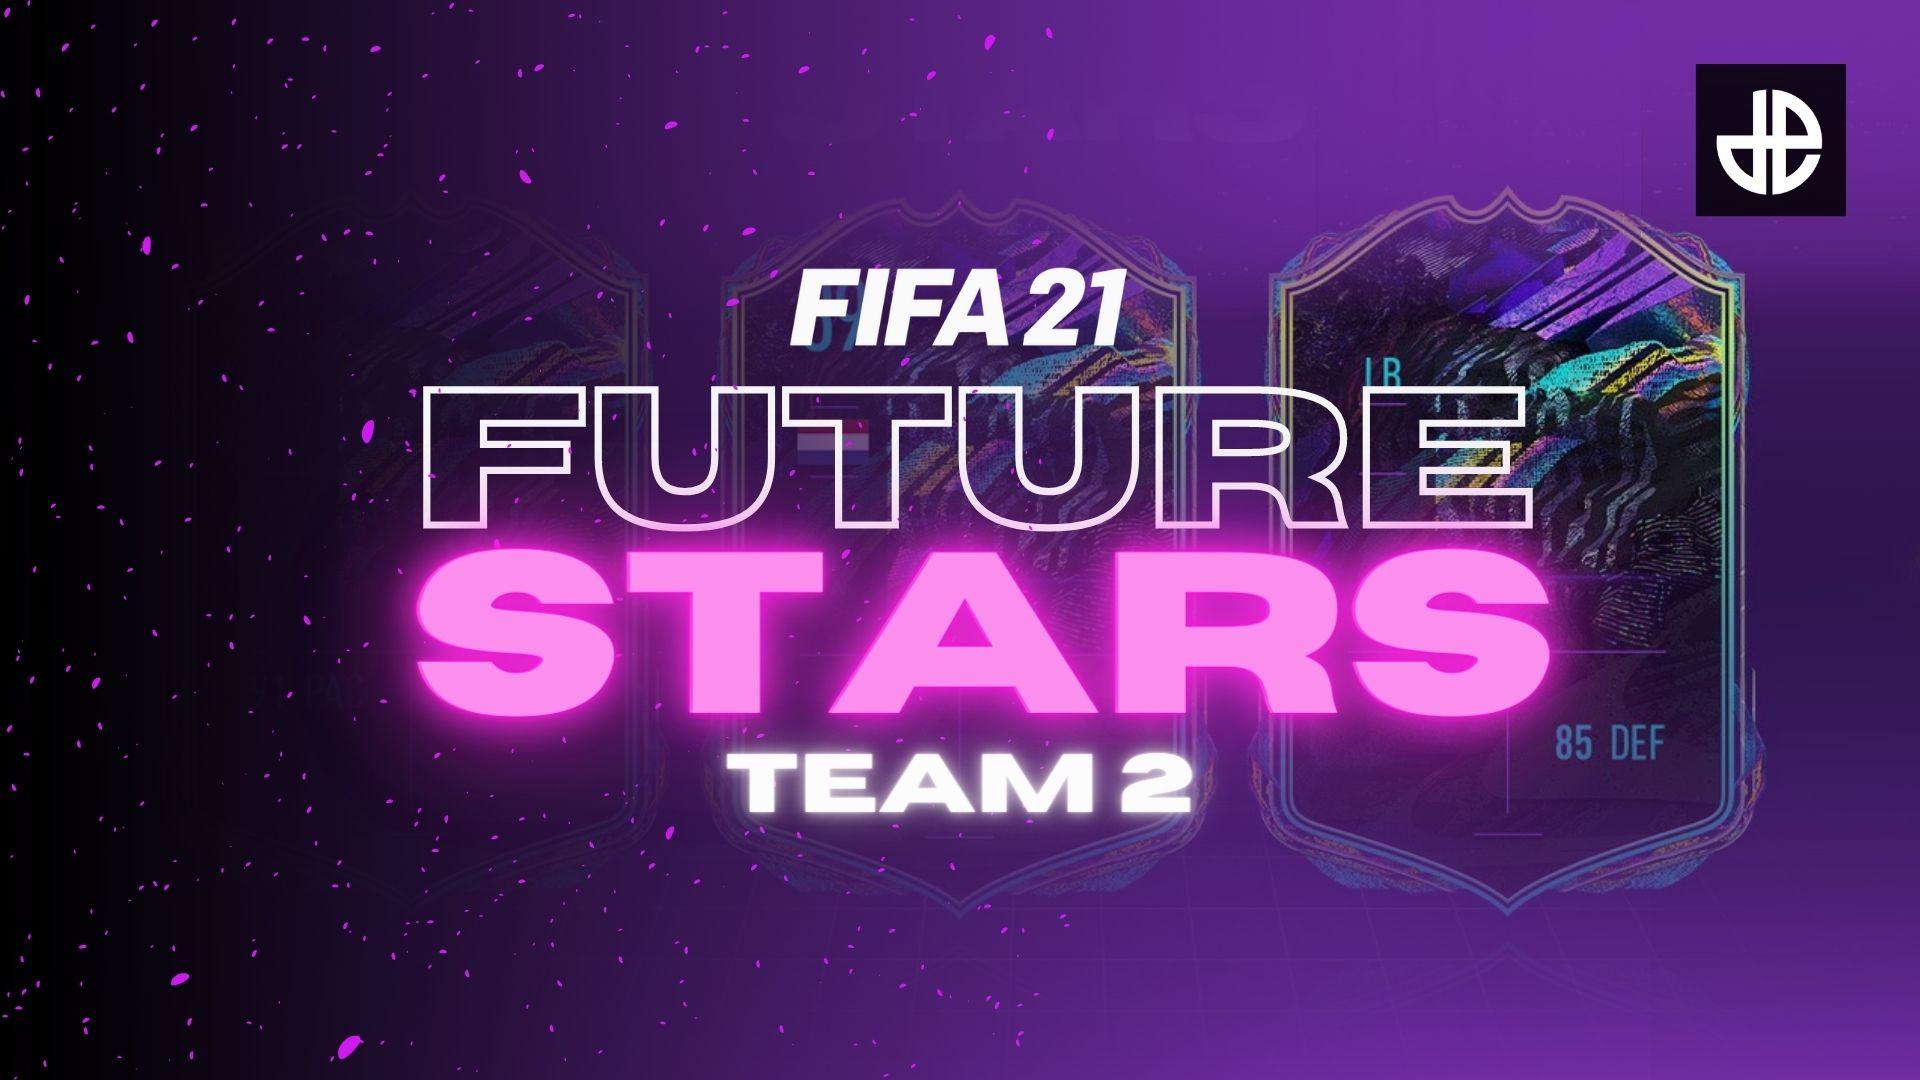 FIFA 21 Future Stars promo Team 2 logo